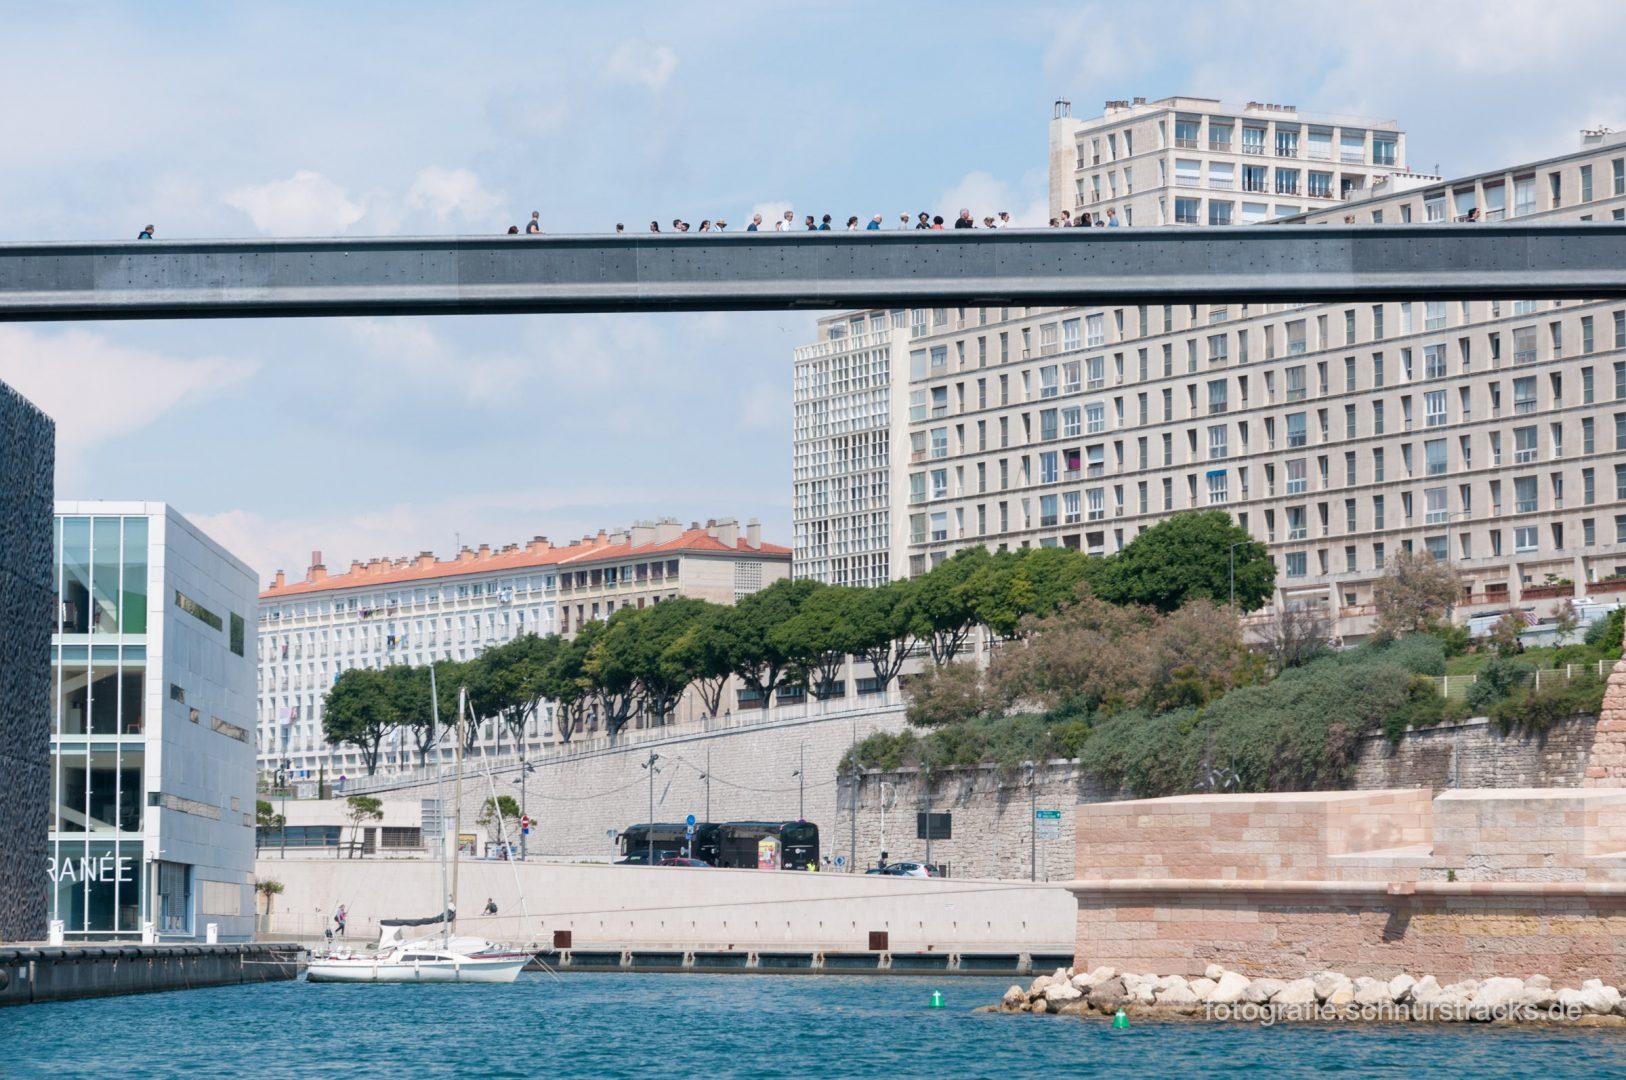 Brücke MUCEM #1171 – Alter Hafen in Marseille